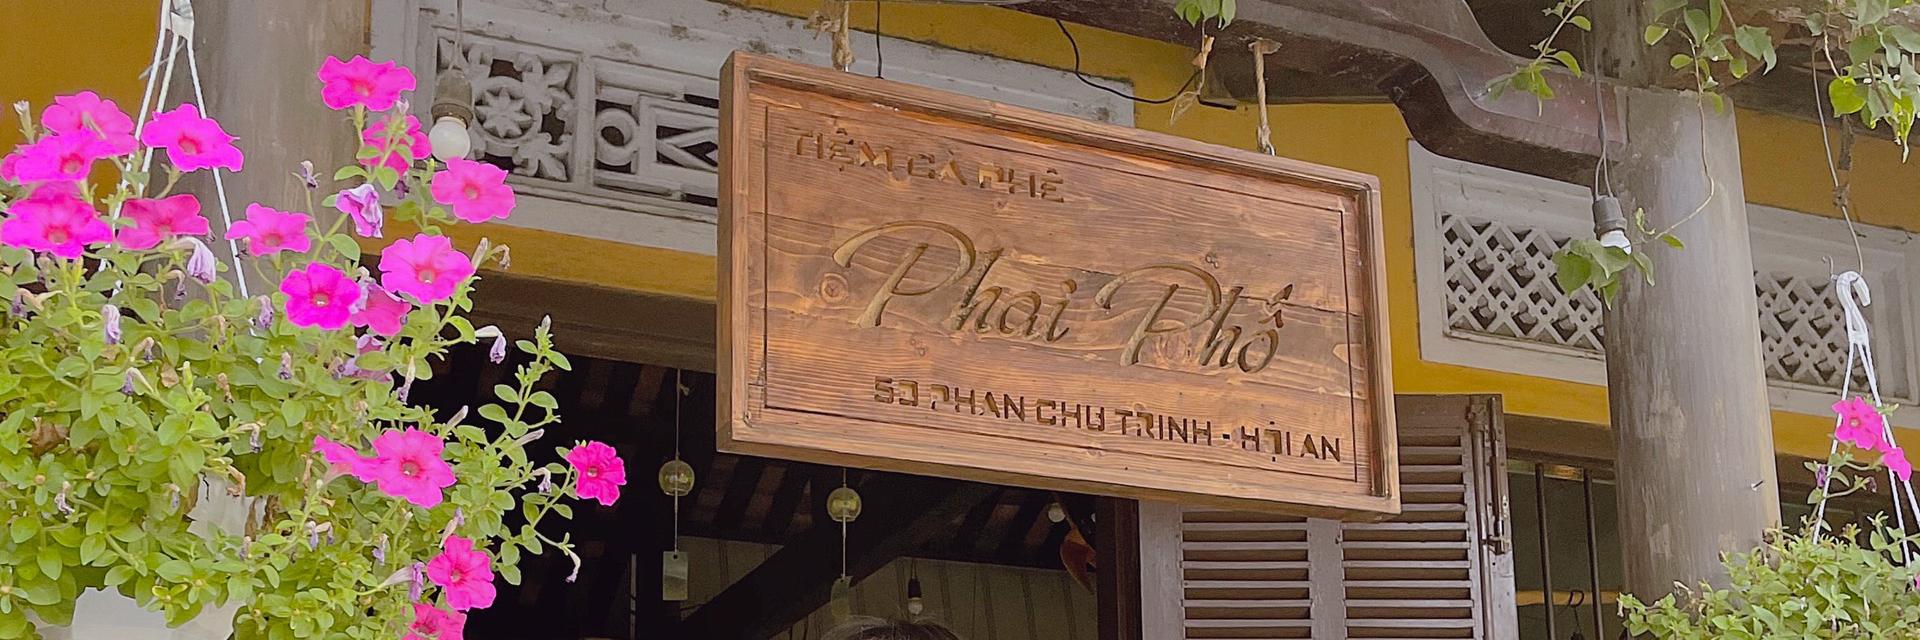 https://gody.vn/blog/congchua_mauhong803174/post/phai-pho-hoi-an-quan-ca-phe-tim-ve-nhung-ngay-xua-cu-8442